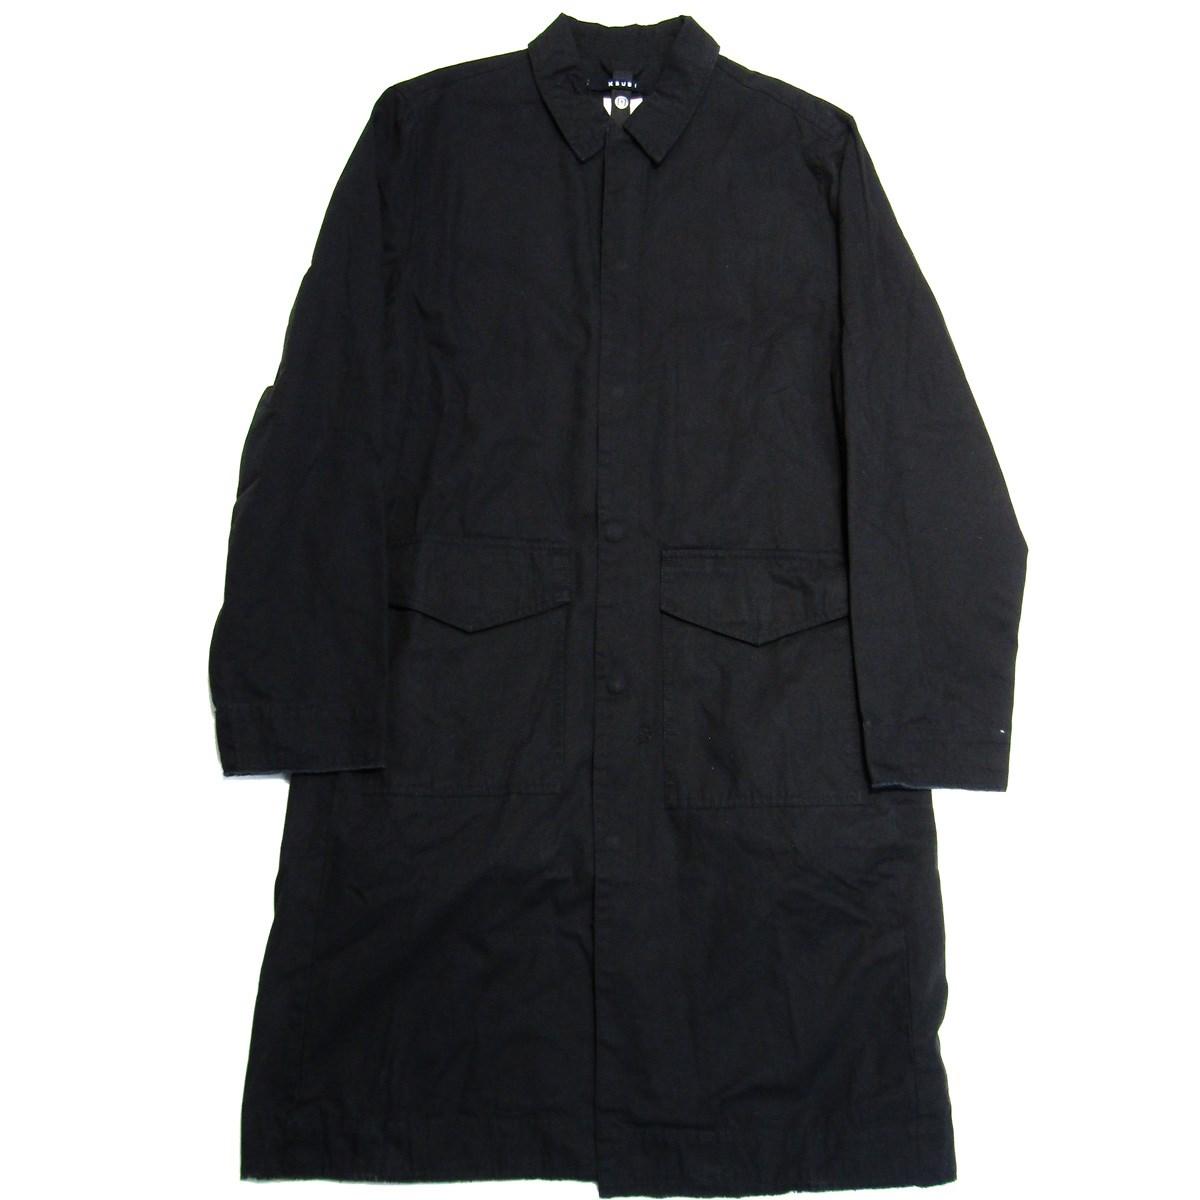 【中古】Ksubi Face Duster Washed Black ウォッシュ加工ロングコート ブラック サイズ:M 【290220】(スビ)